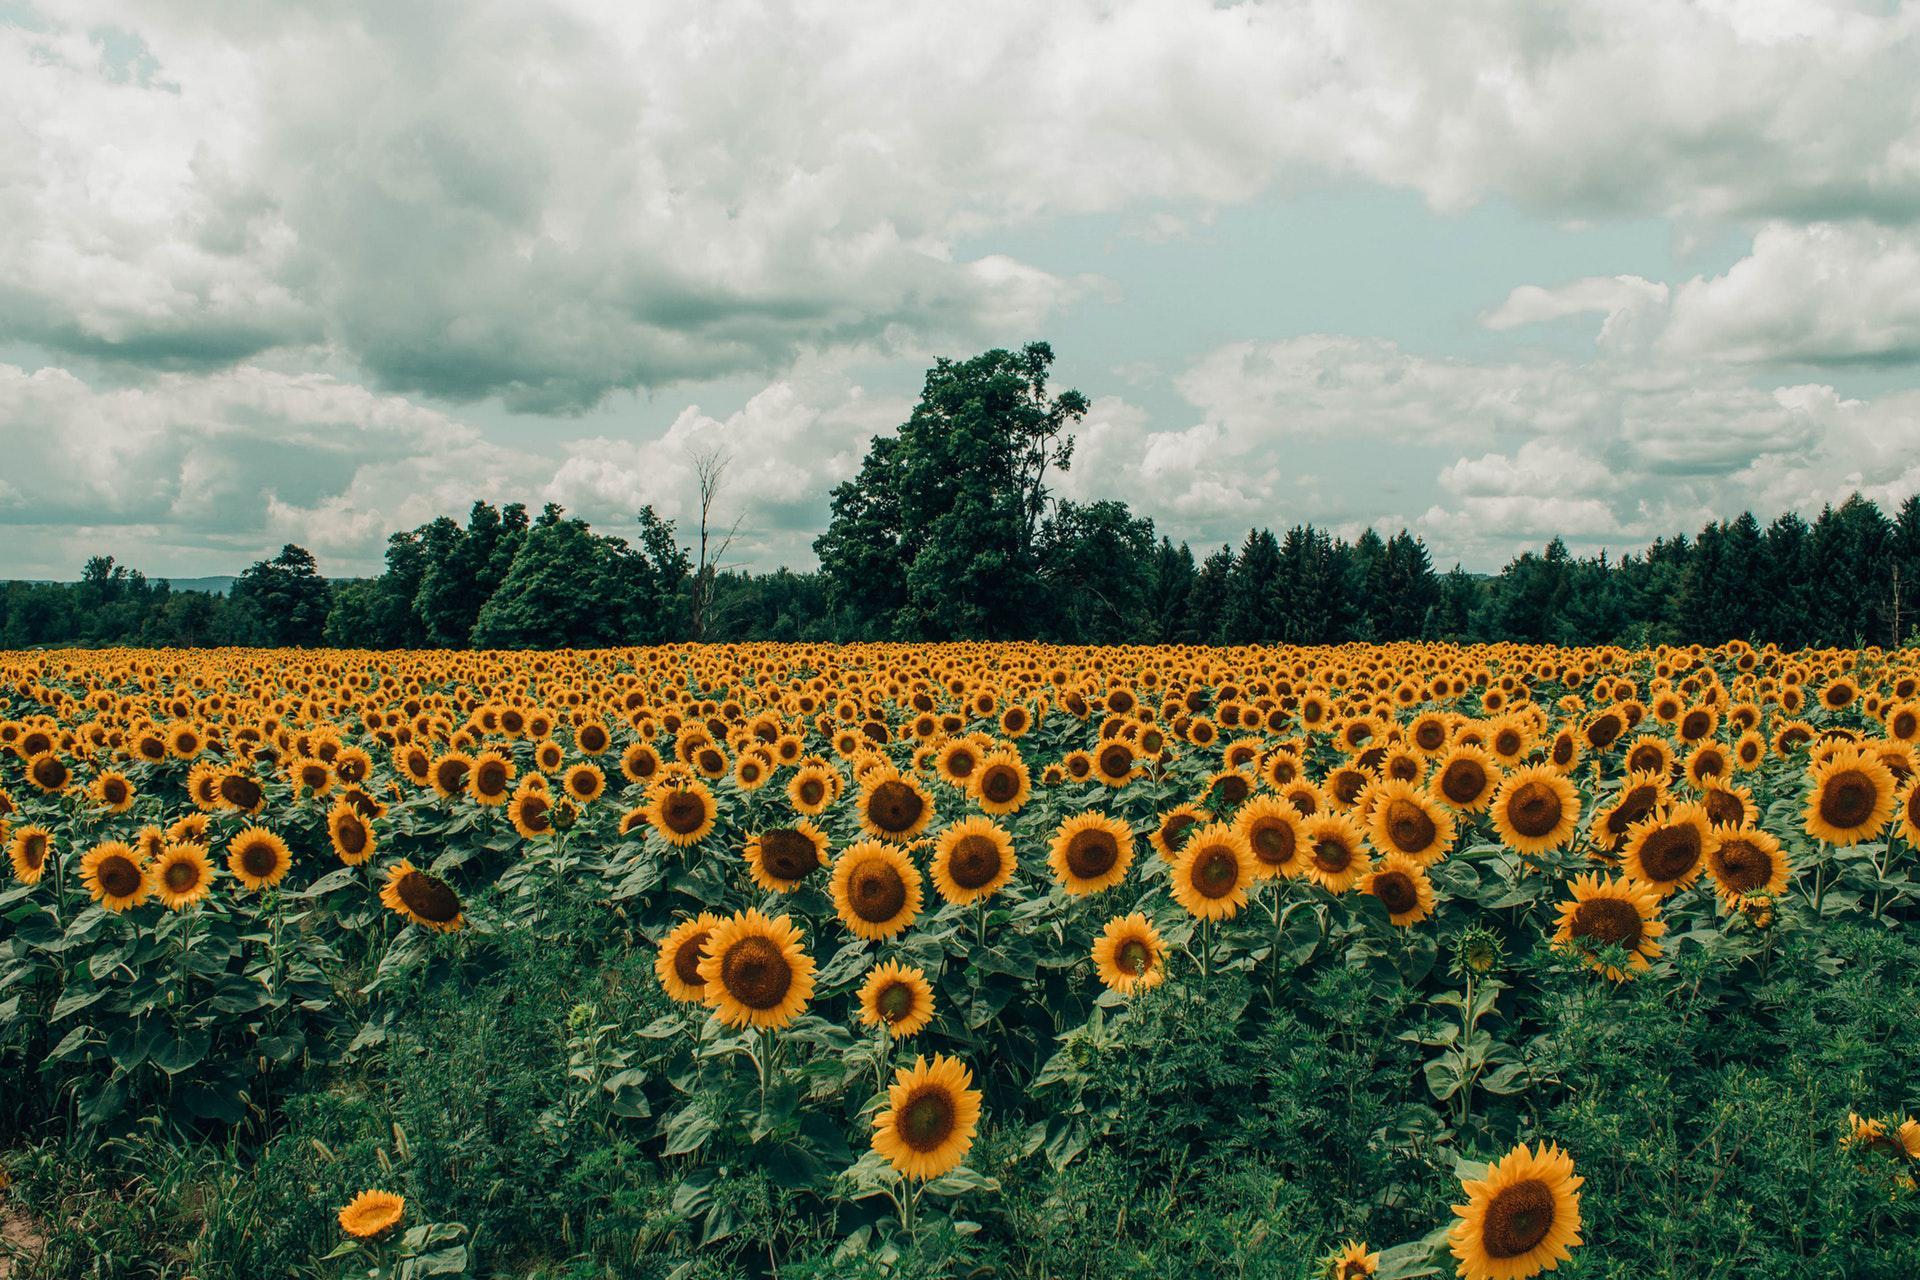 عکس زمینه مزرعه آفتابگردان پس زمینه